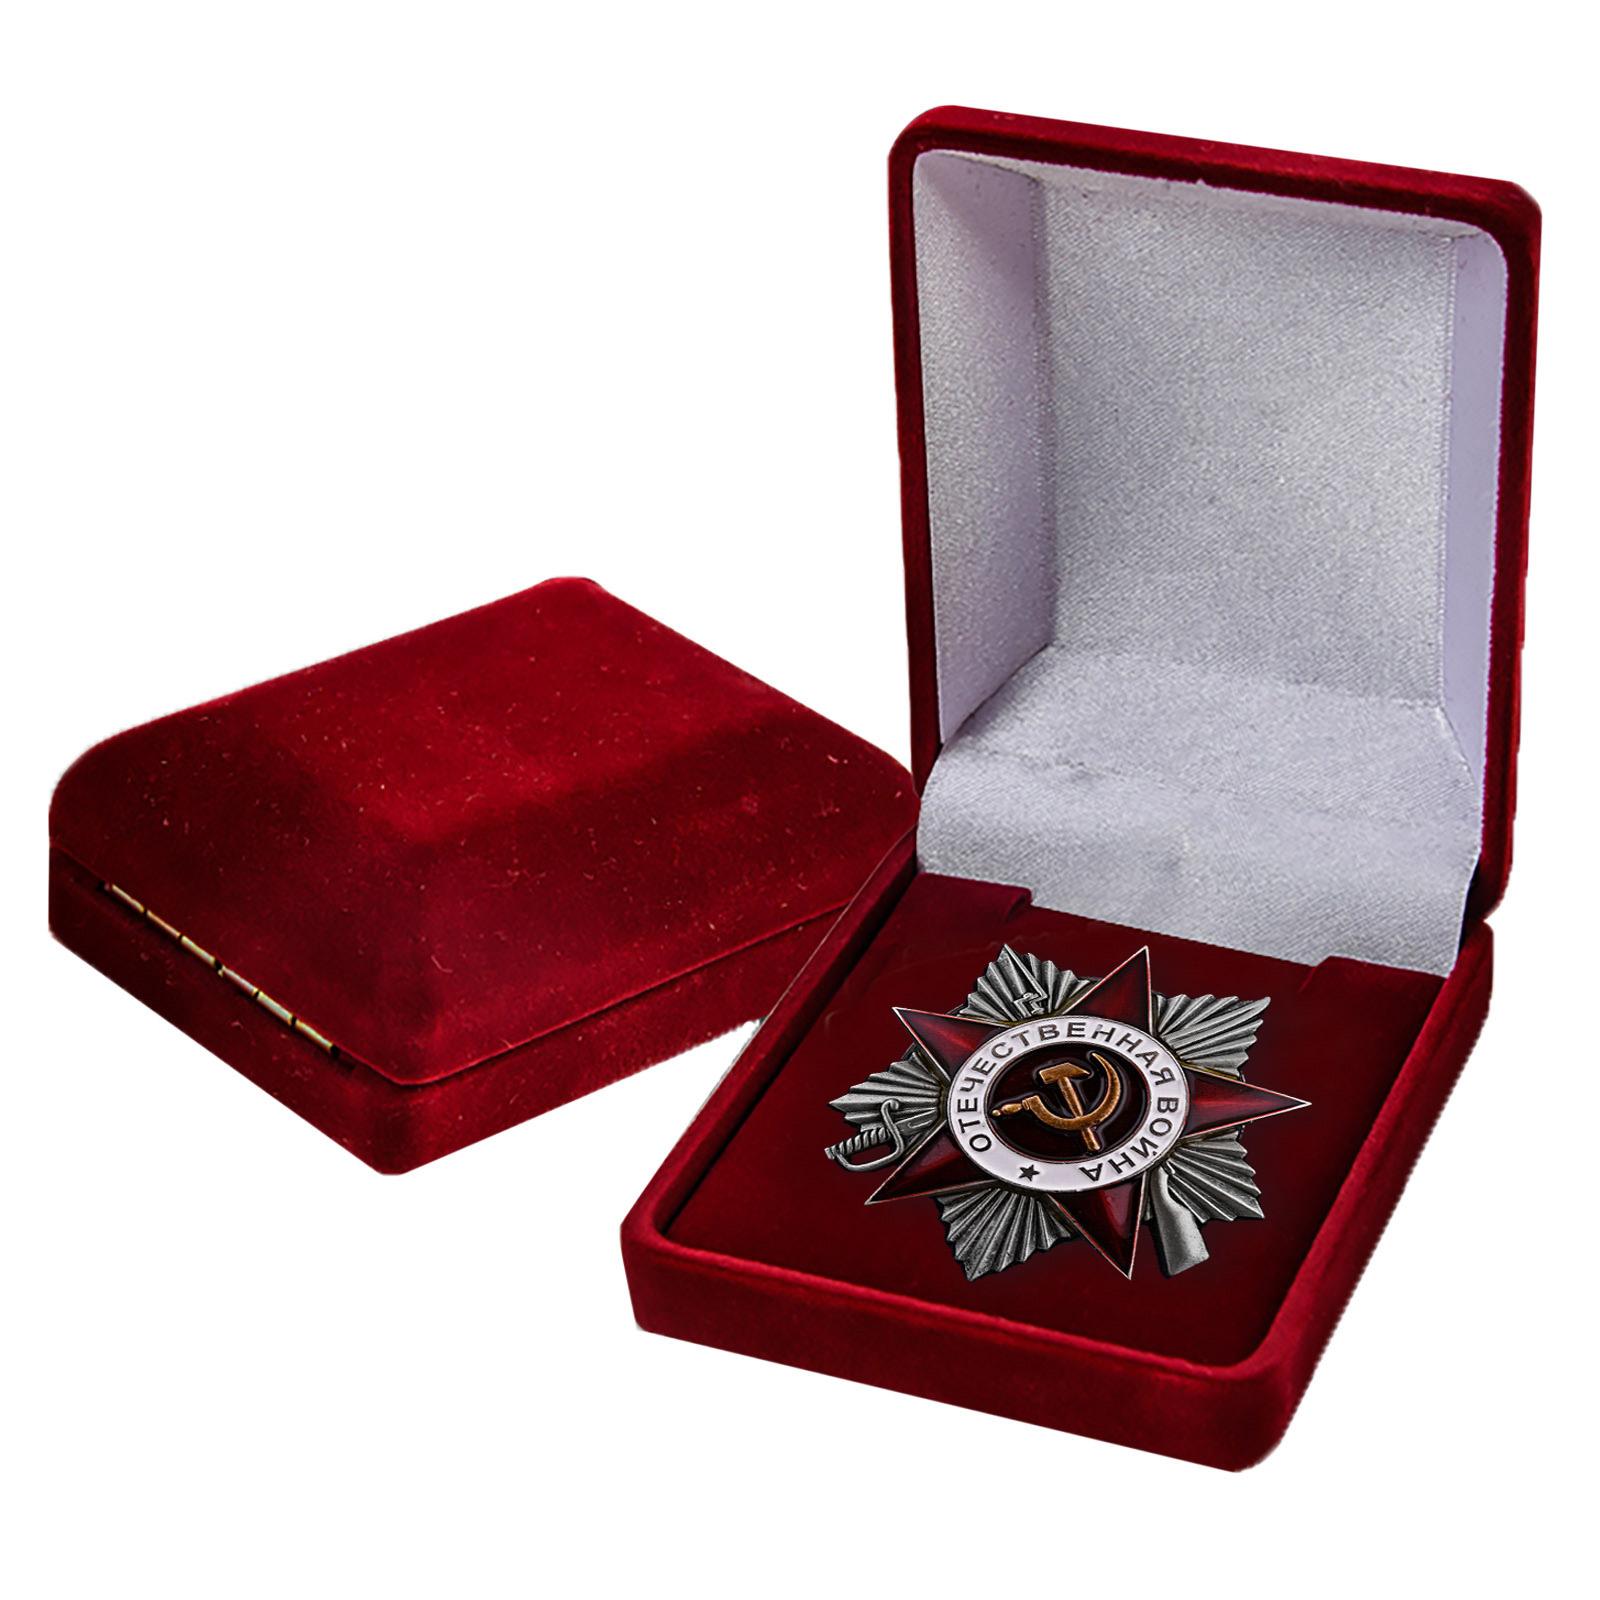 Орден Великой Отечественной войны II степени - муляж в красивом футляре